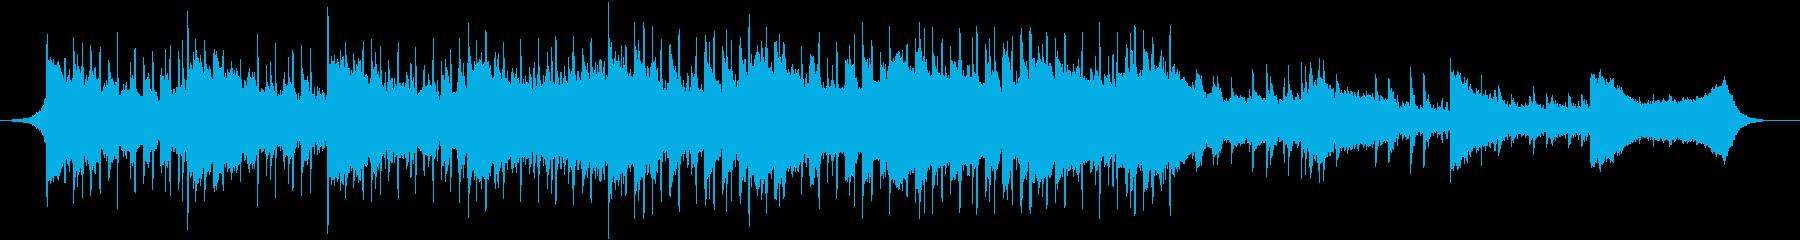 代替案 ポップ コーポレート 広い...の再生済みの波形